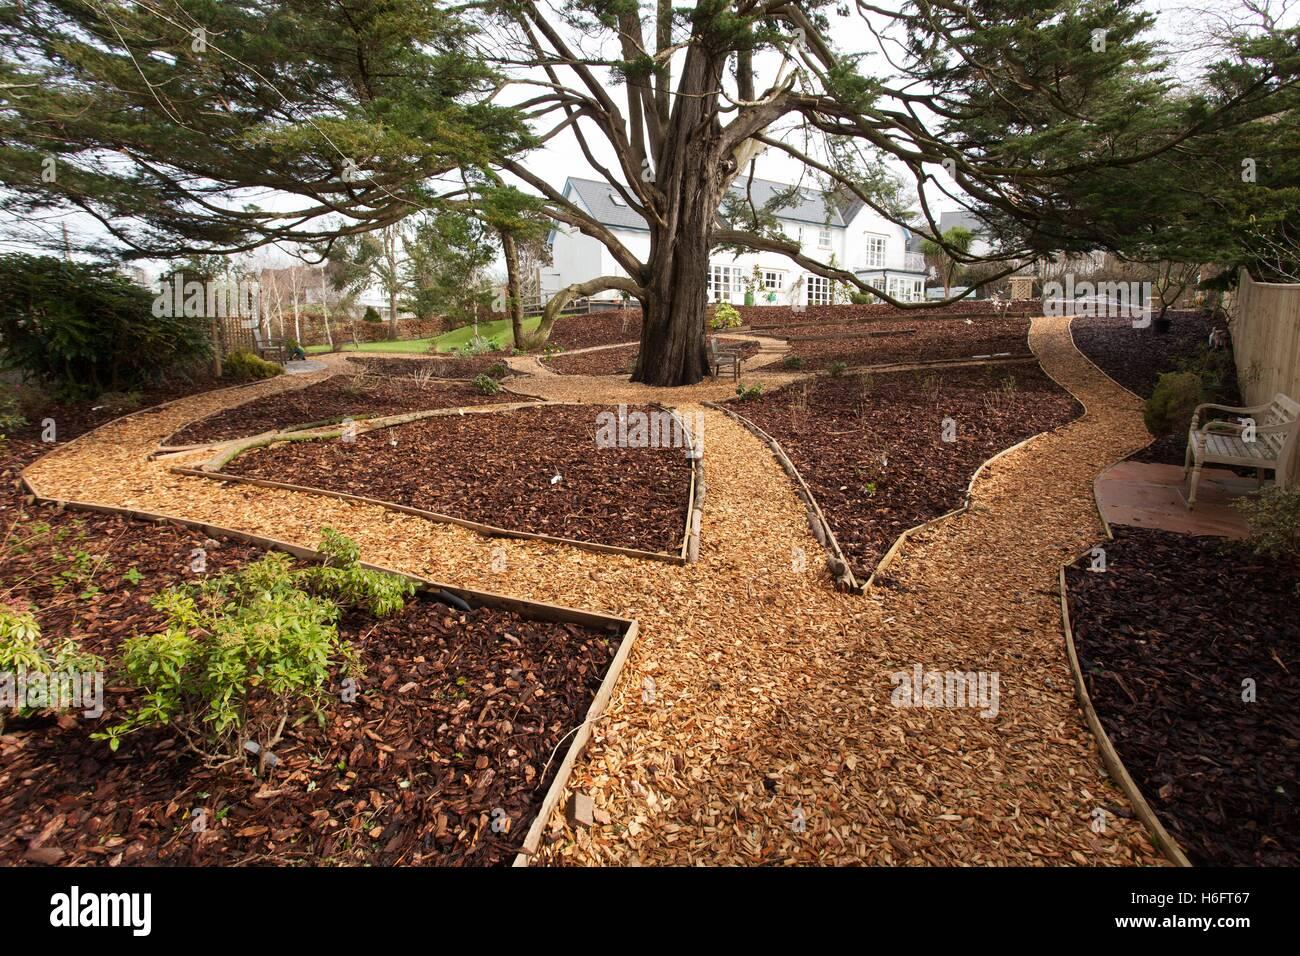 Super Holzschnitzel als Gartenwege, hölzernen Einfassung und Rinde #DQ_25